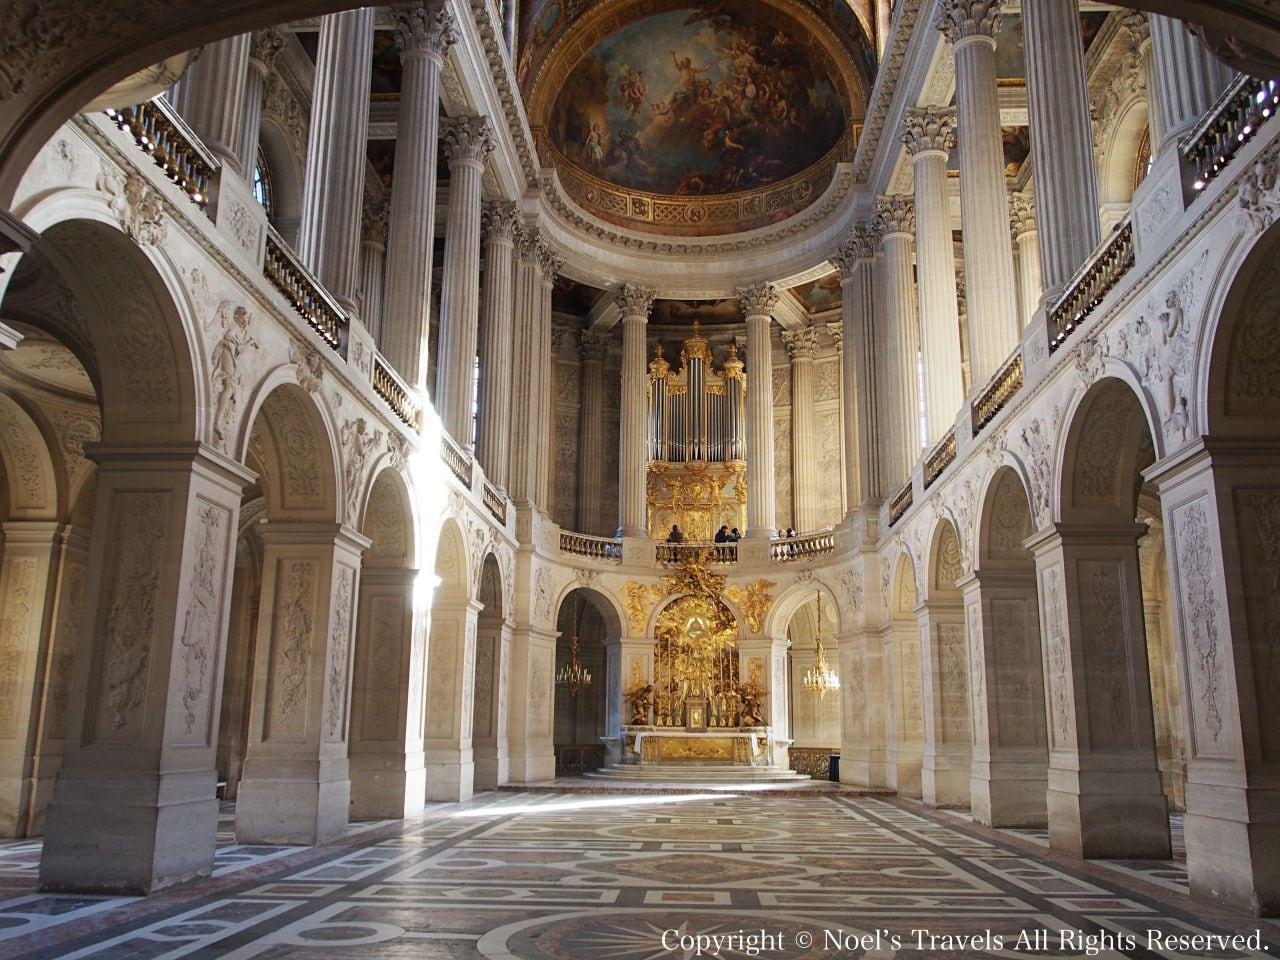 ヴェルサイユ宮殿の王室礼拝堂